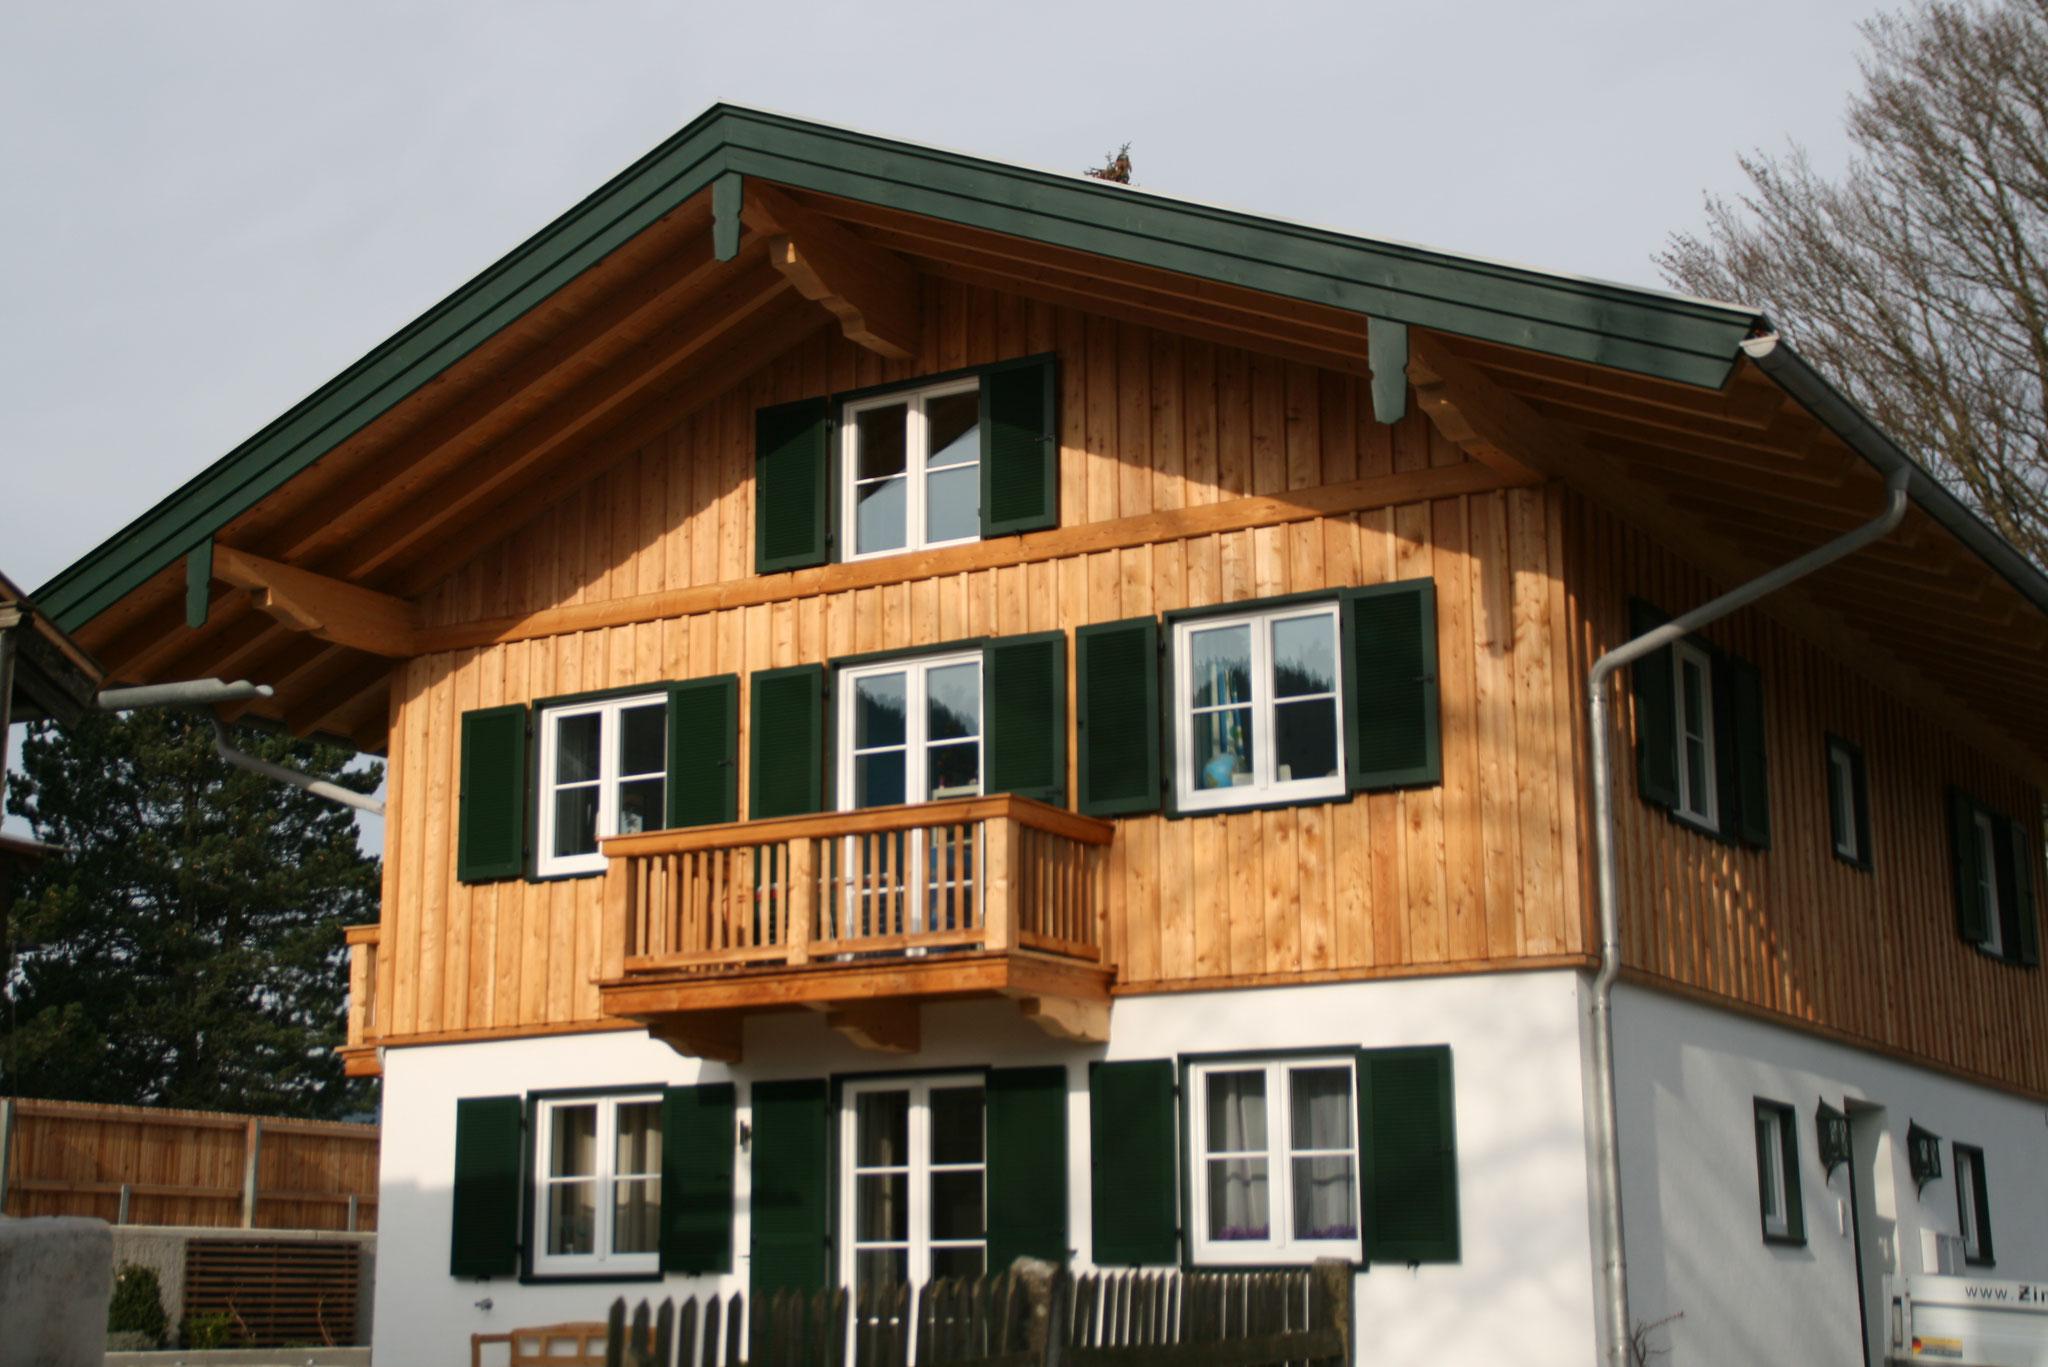 Einfamilienhaus | Gmund